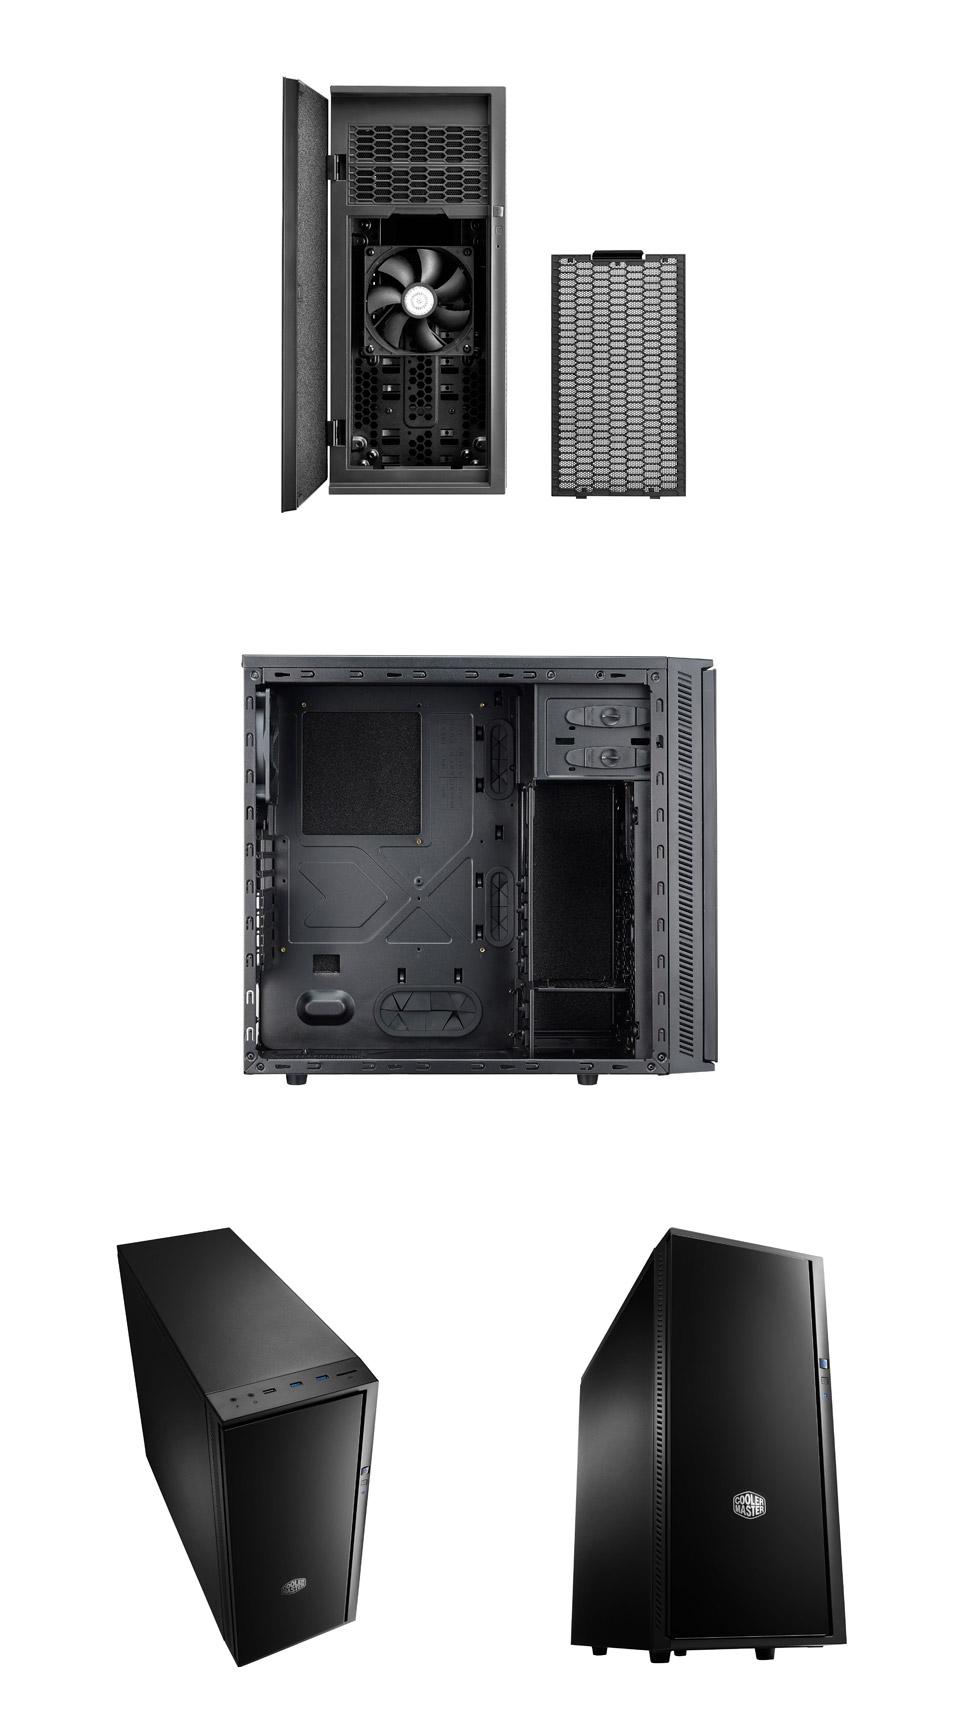 sil-452-kkn1-l.jpg